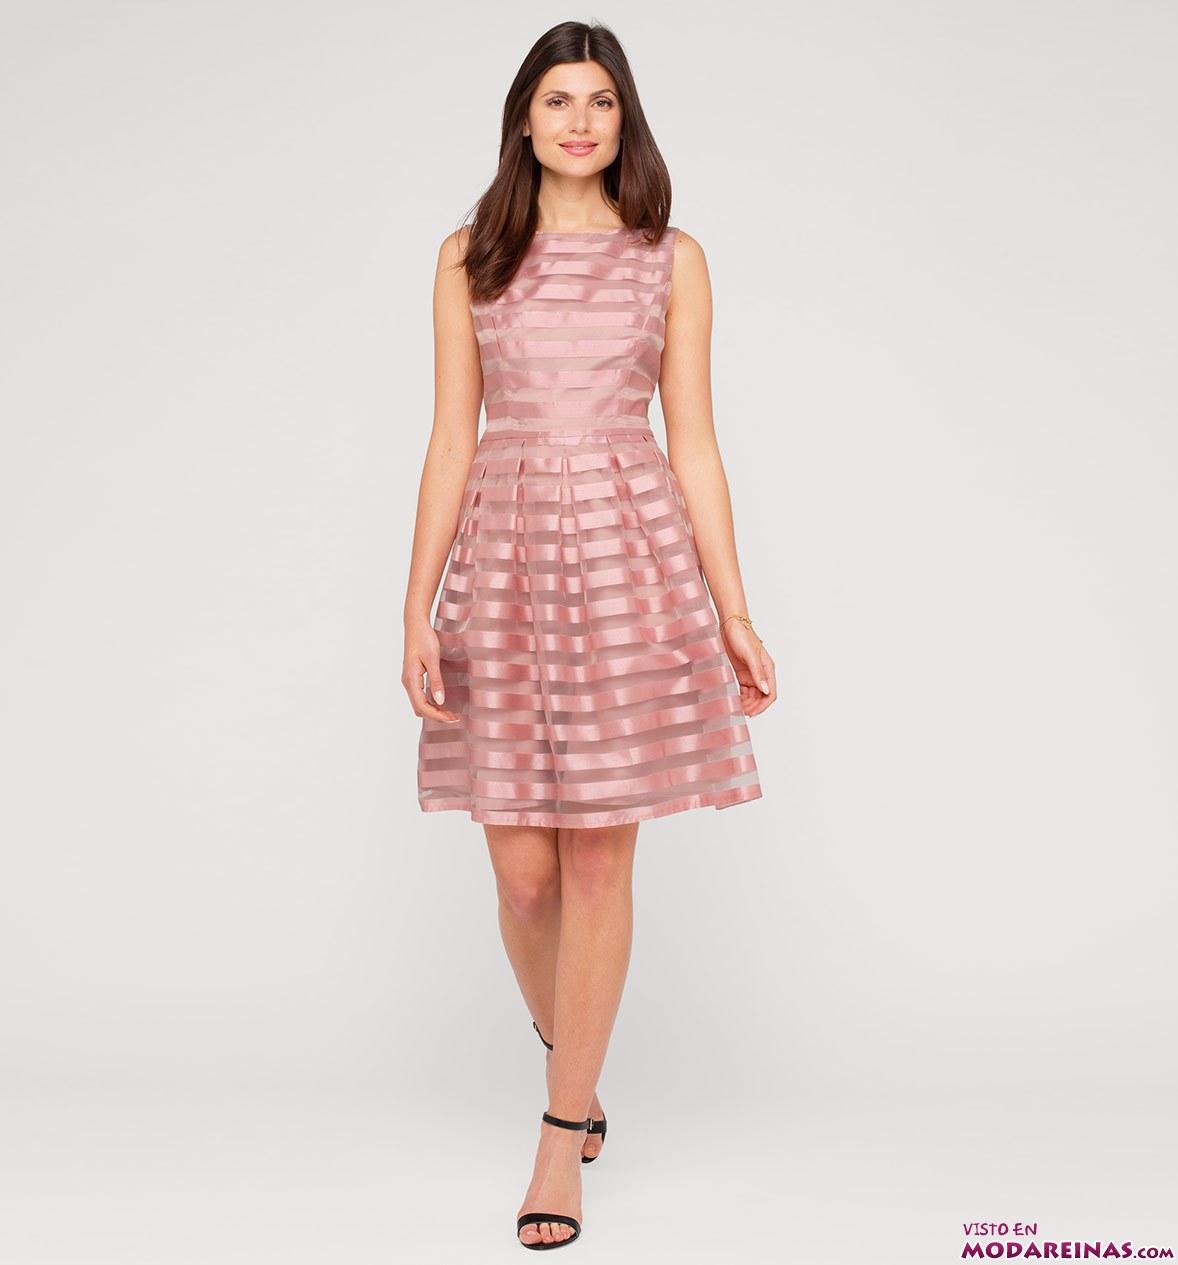 moderno y elegante en moda renombre mundial nuevo baratas Trajes de fiesta de la mano de C&A | Moda Reinas